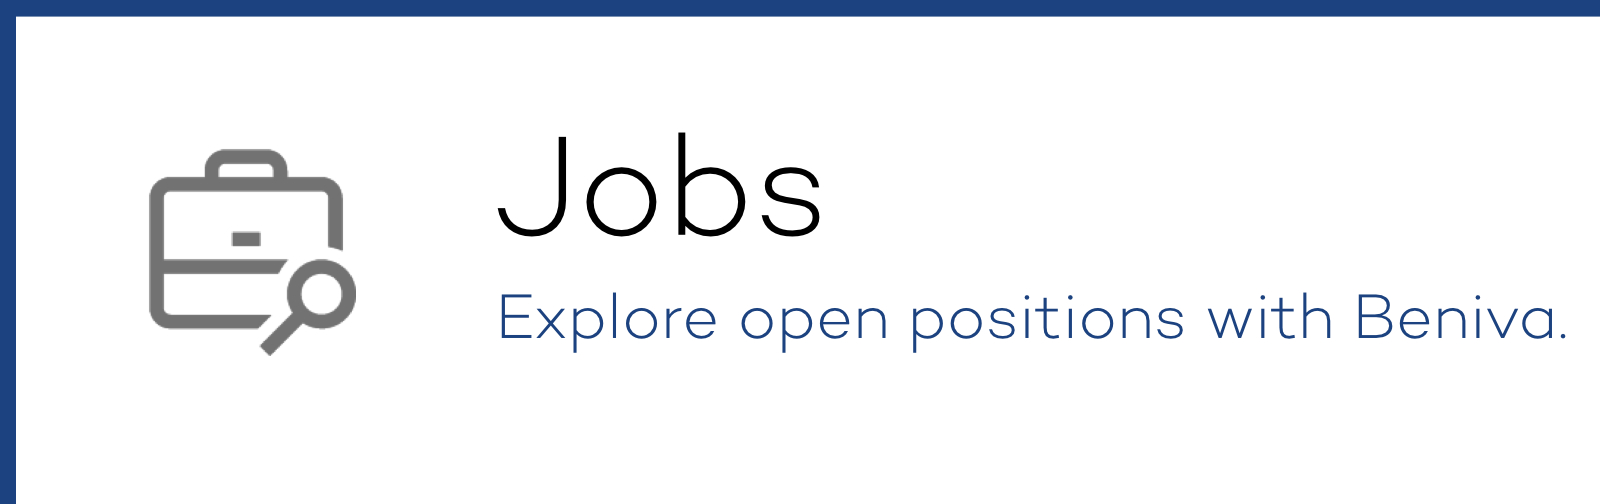 jobsbanner.jpg